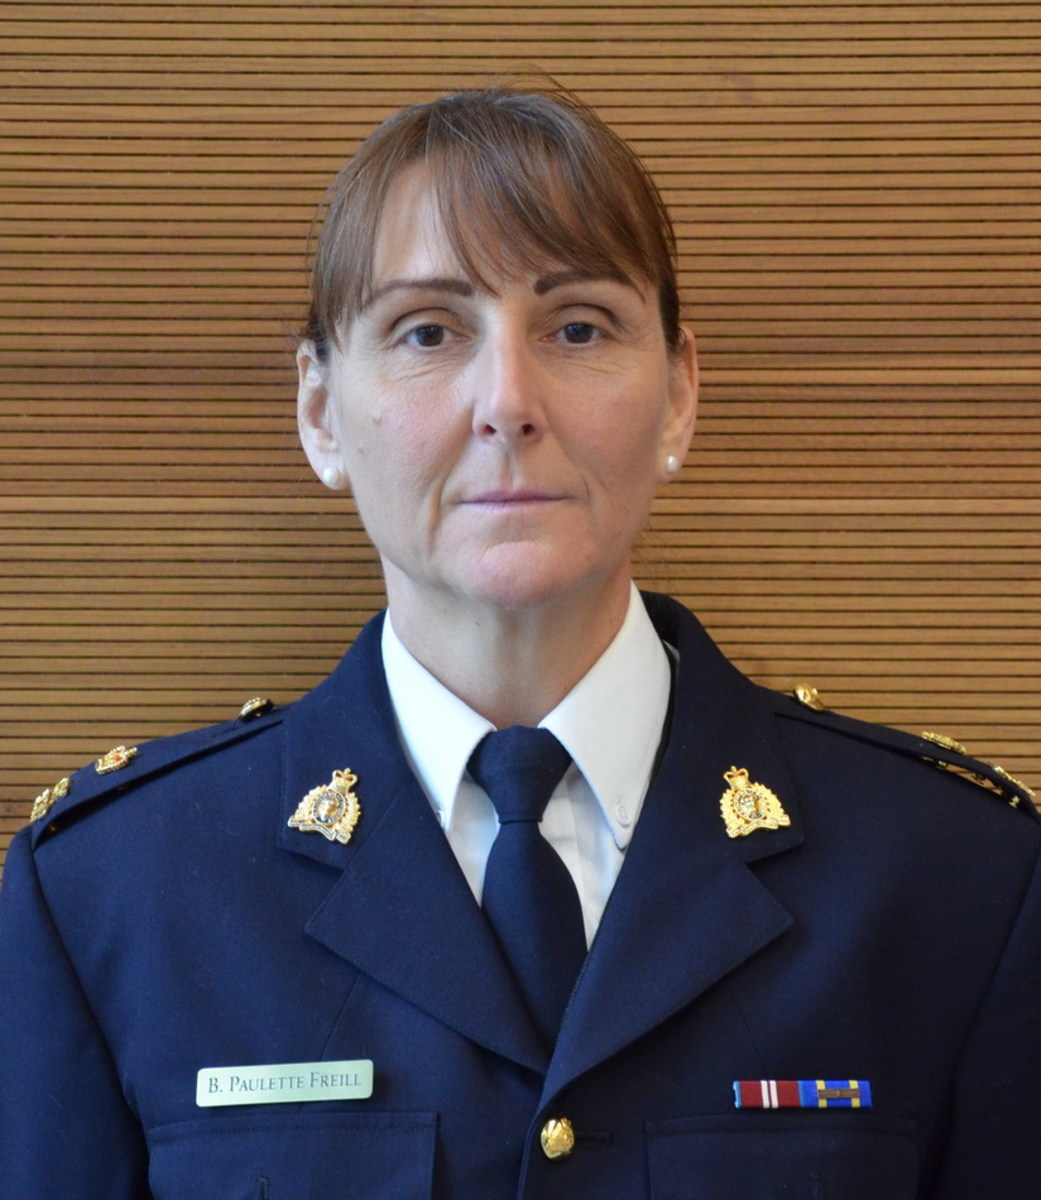 Inspector Paulette Freii